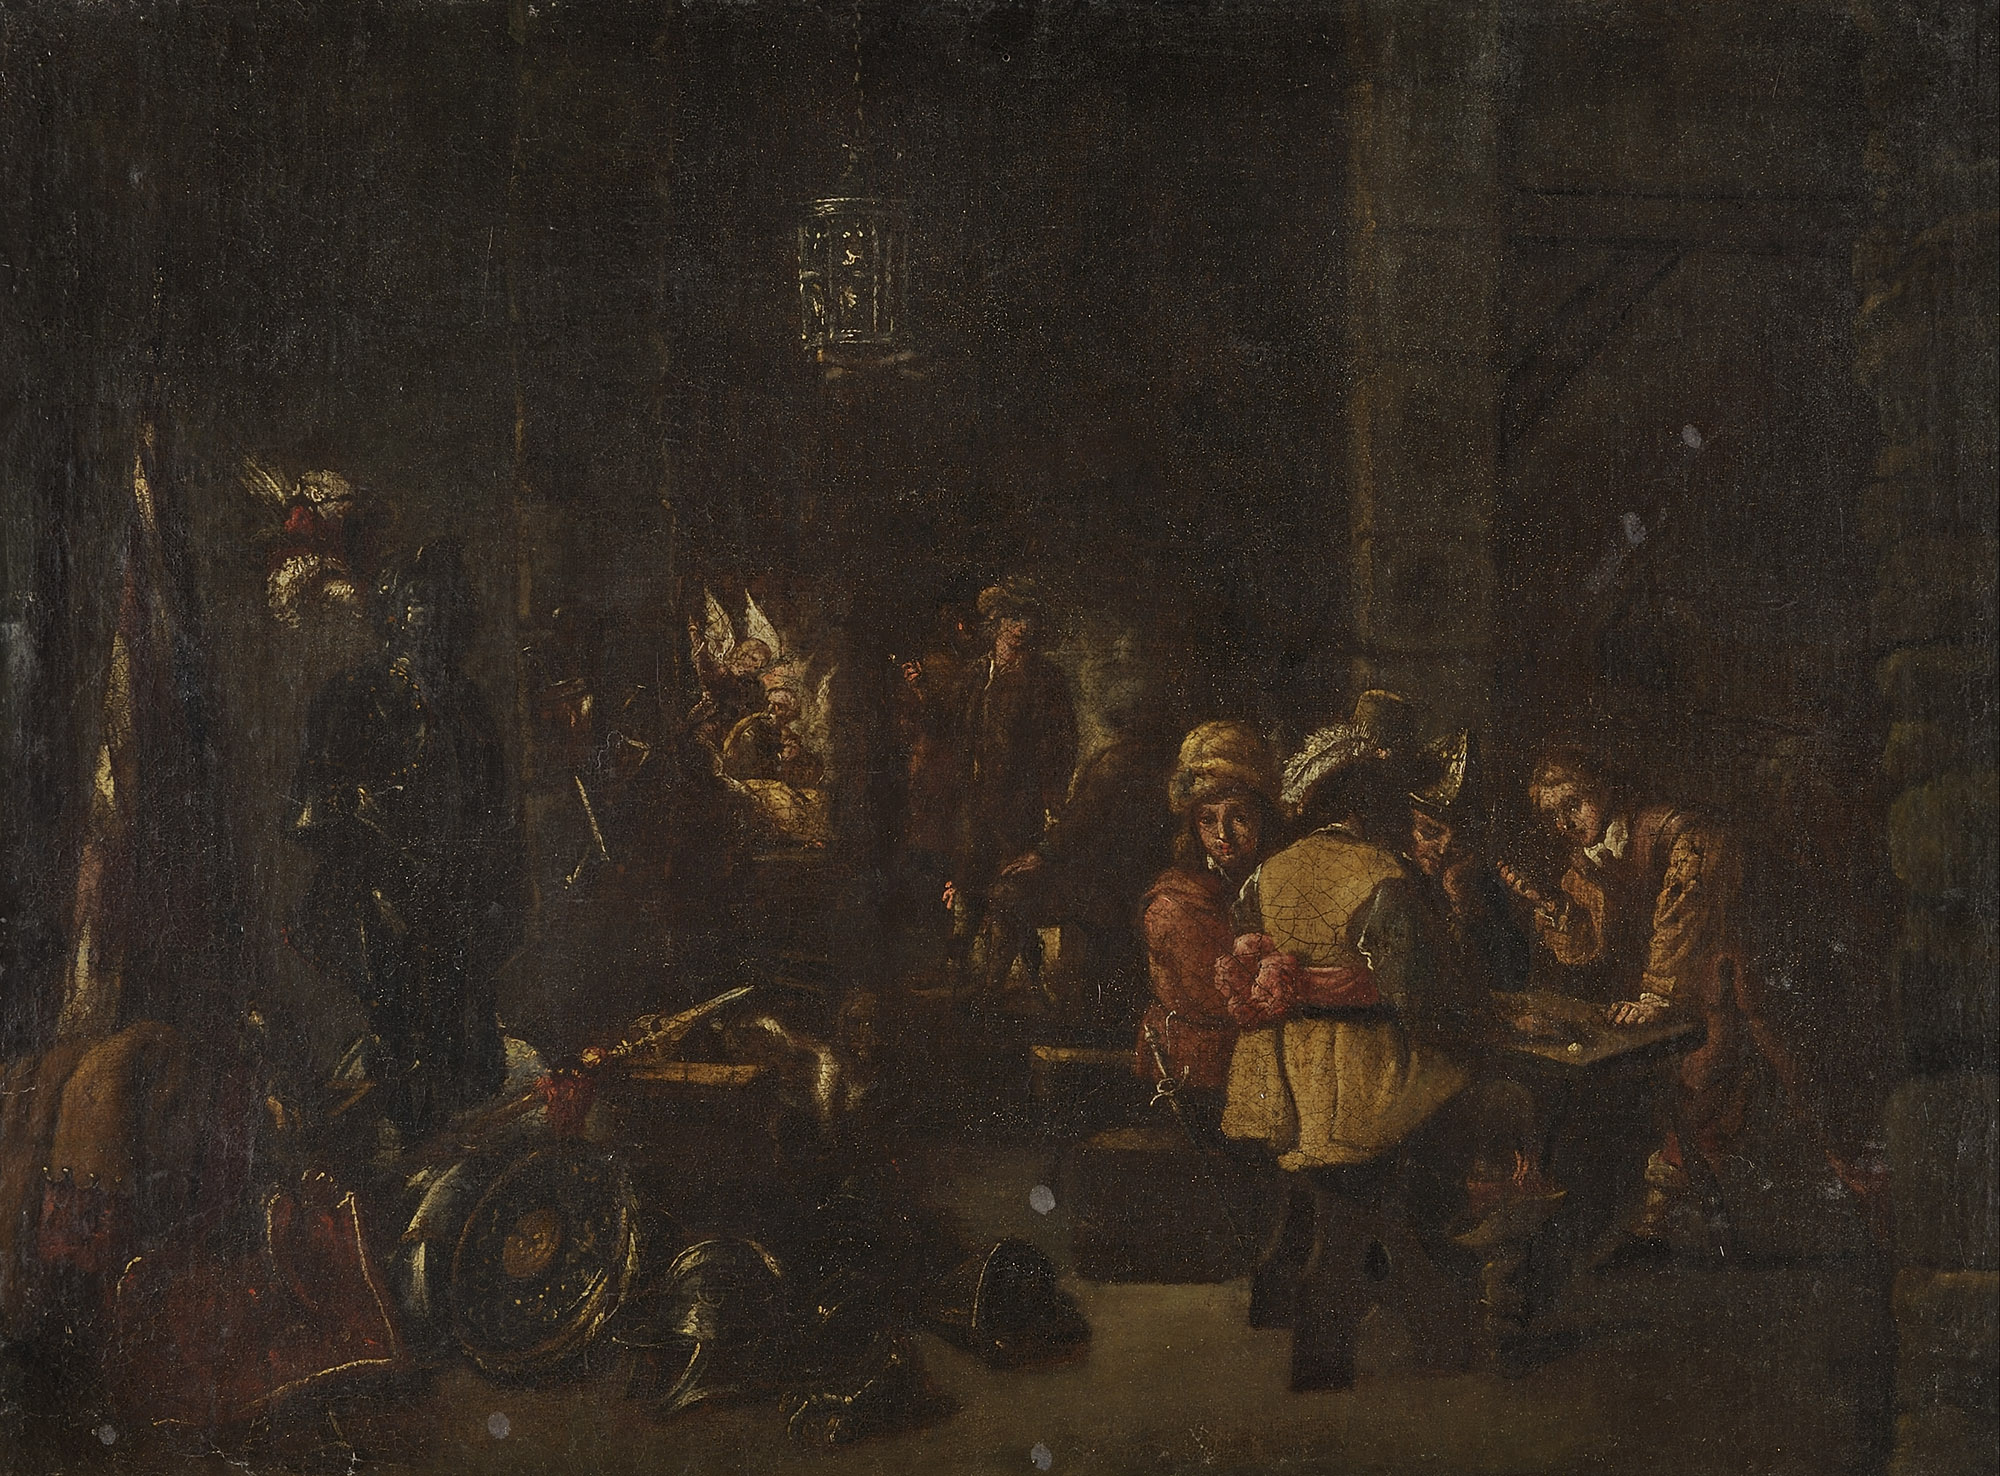 Scena di interno con soldati che giocano a dadi e apparizione dell'angelo a Matteo sullo sfondo